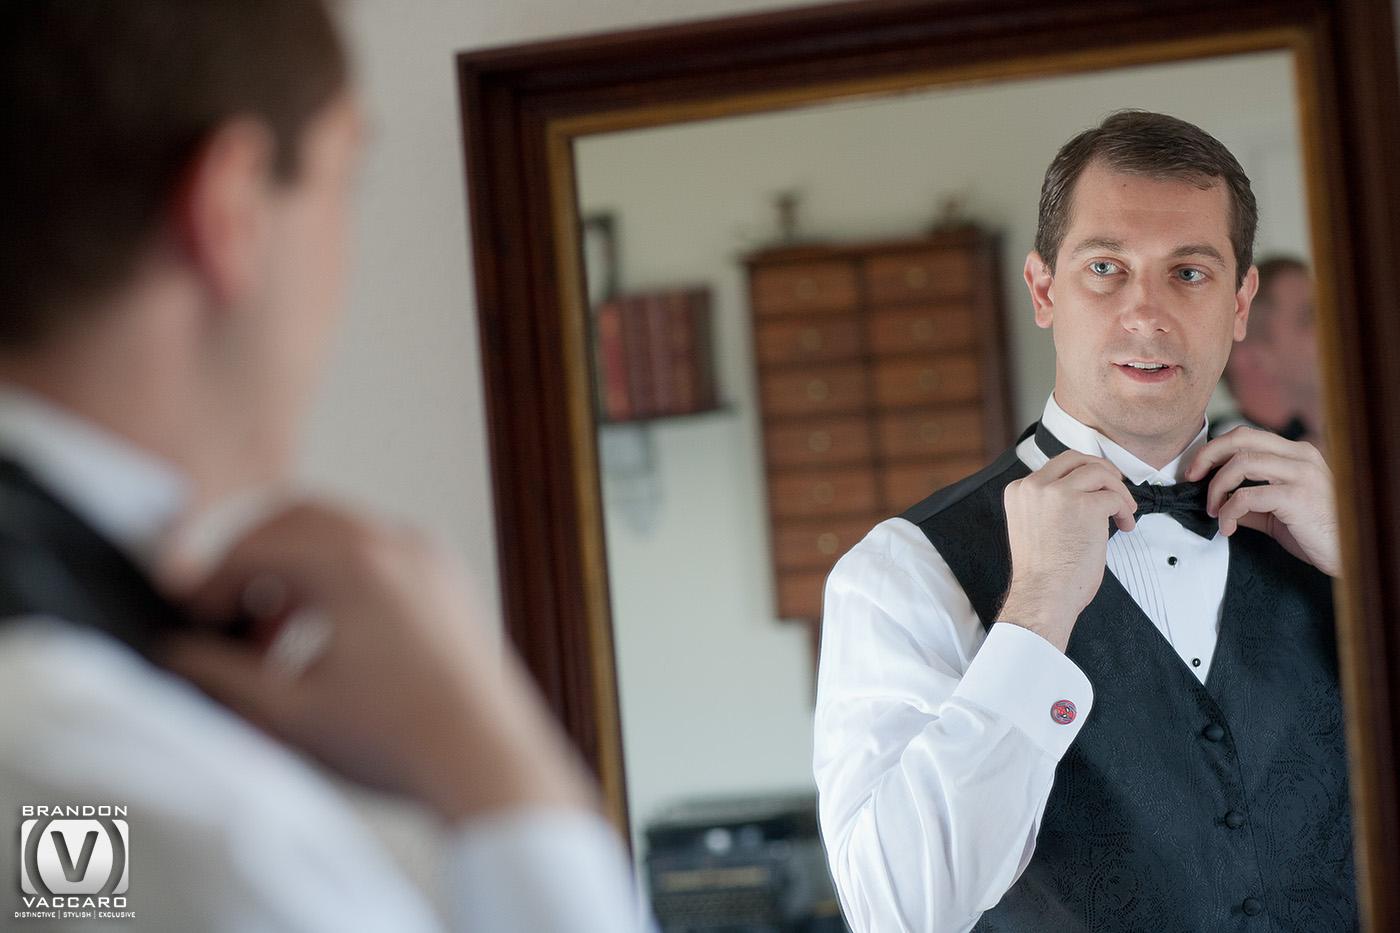 real-wedding-groom-geting-ready.jpg